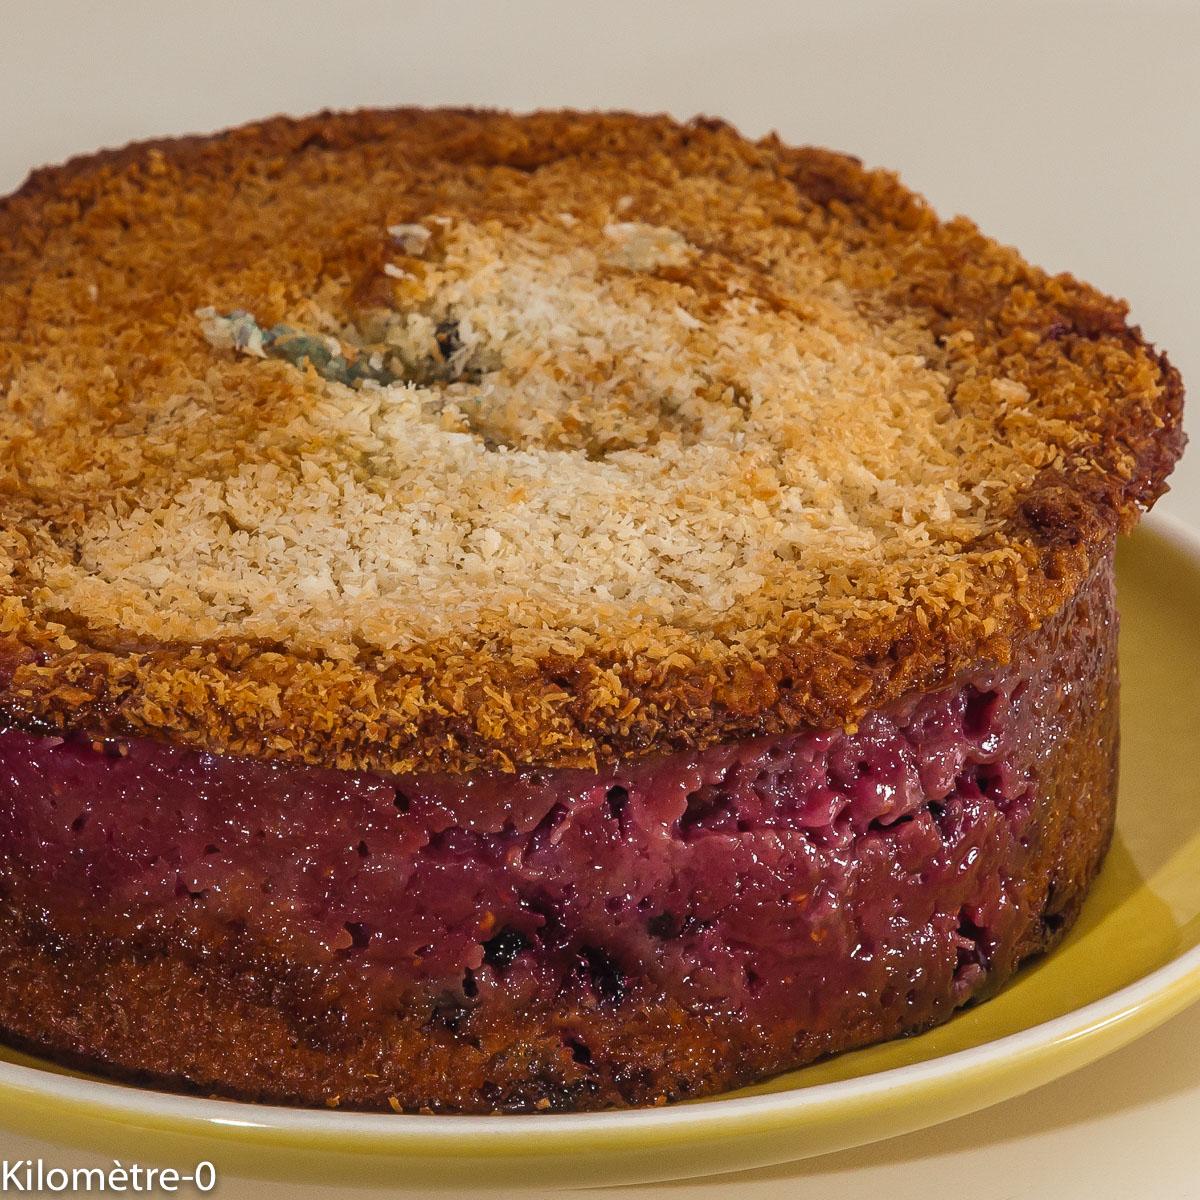 Photo de recette avec des blancs d'oeuf, facile, framboises, gâteau de Kilomètre-0, blog de cuisine réalisée à partir de produits locaux et issus de circuits courts